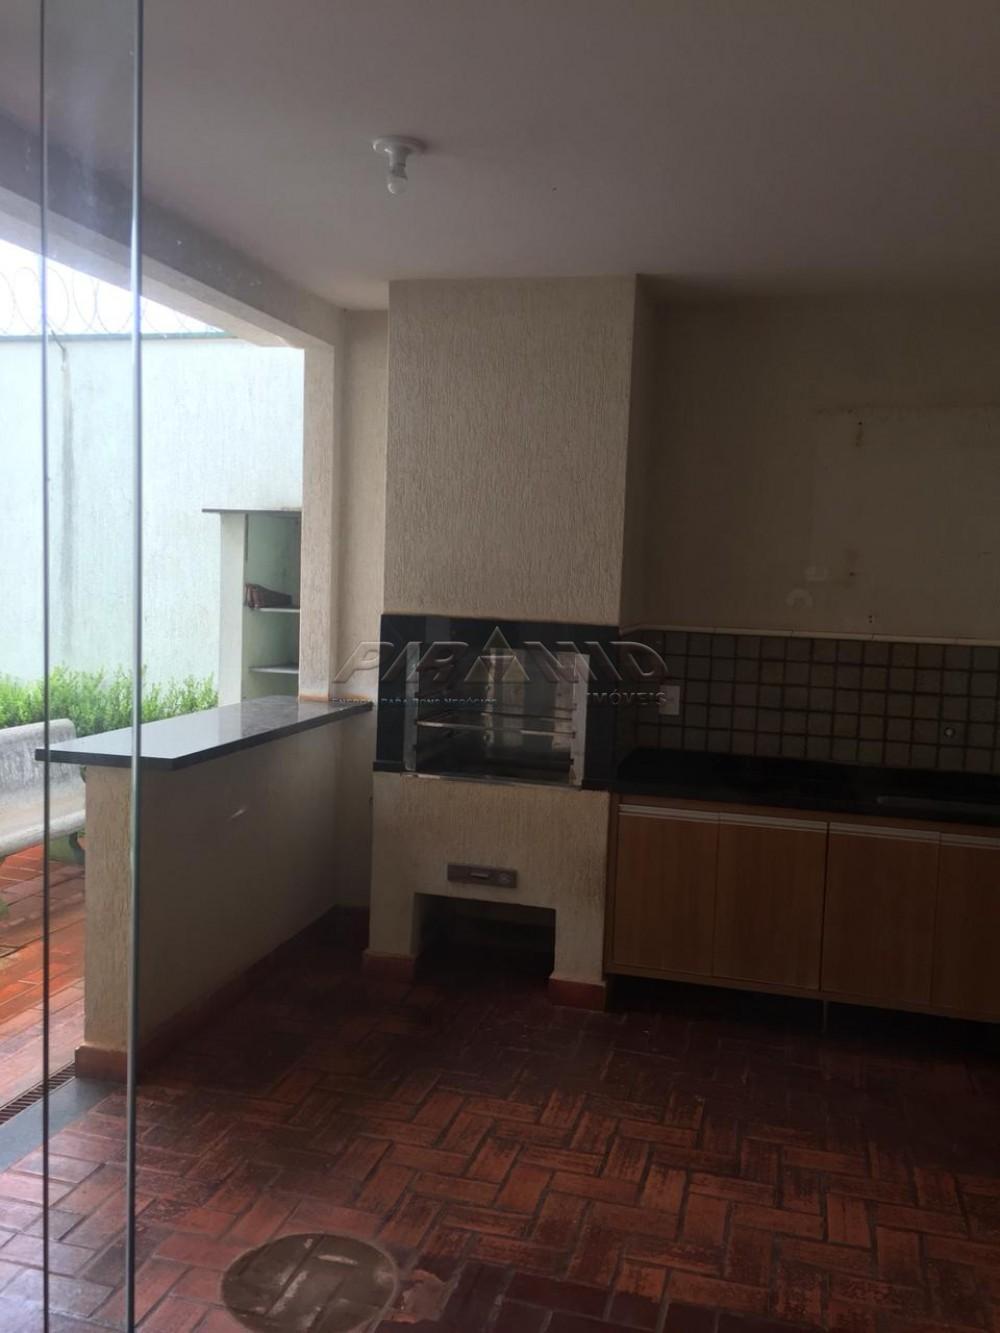 Comprar Casa / Padrão em Ribeirão Preto apenas R$ 1.000.000,00 - Foto 11